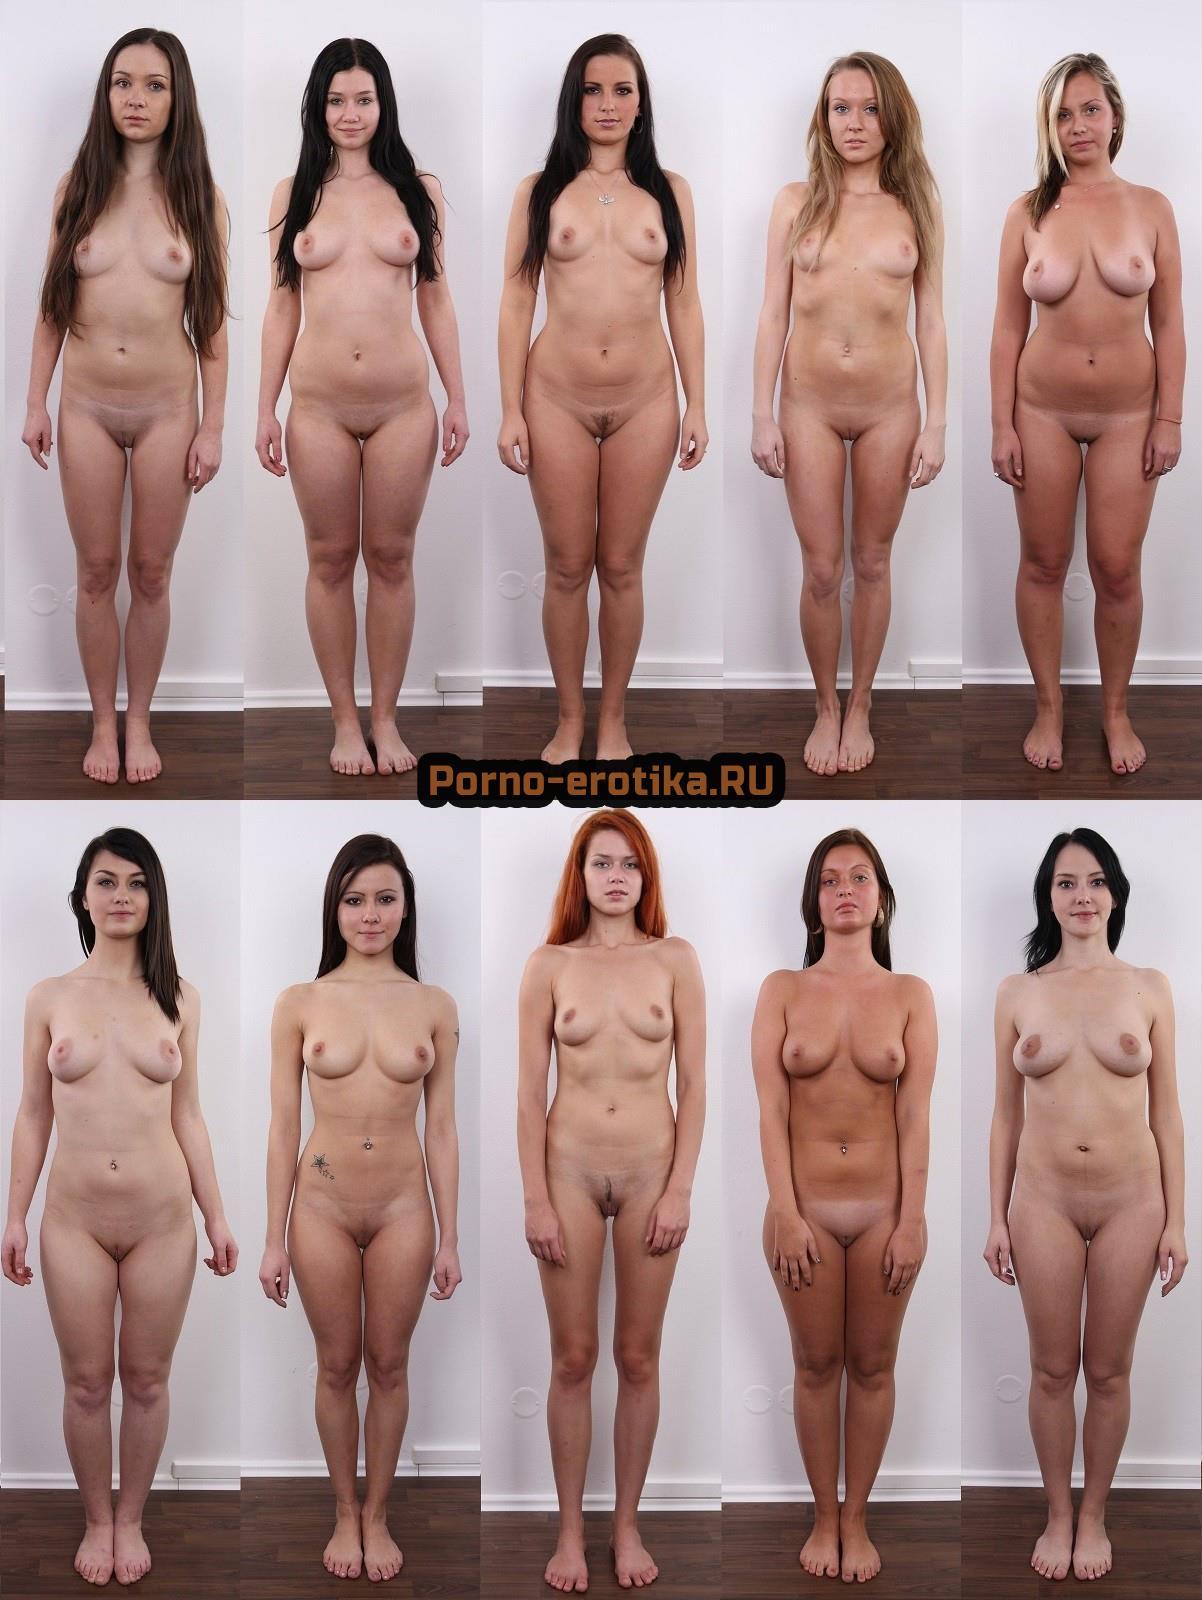 porno-krasivaya-zhenshina-kasting